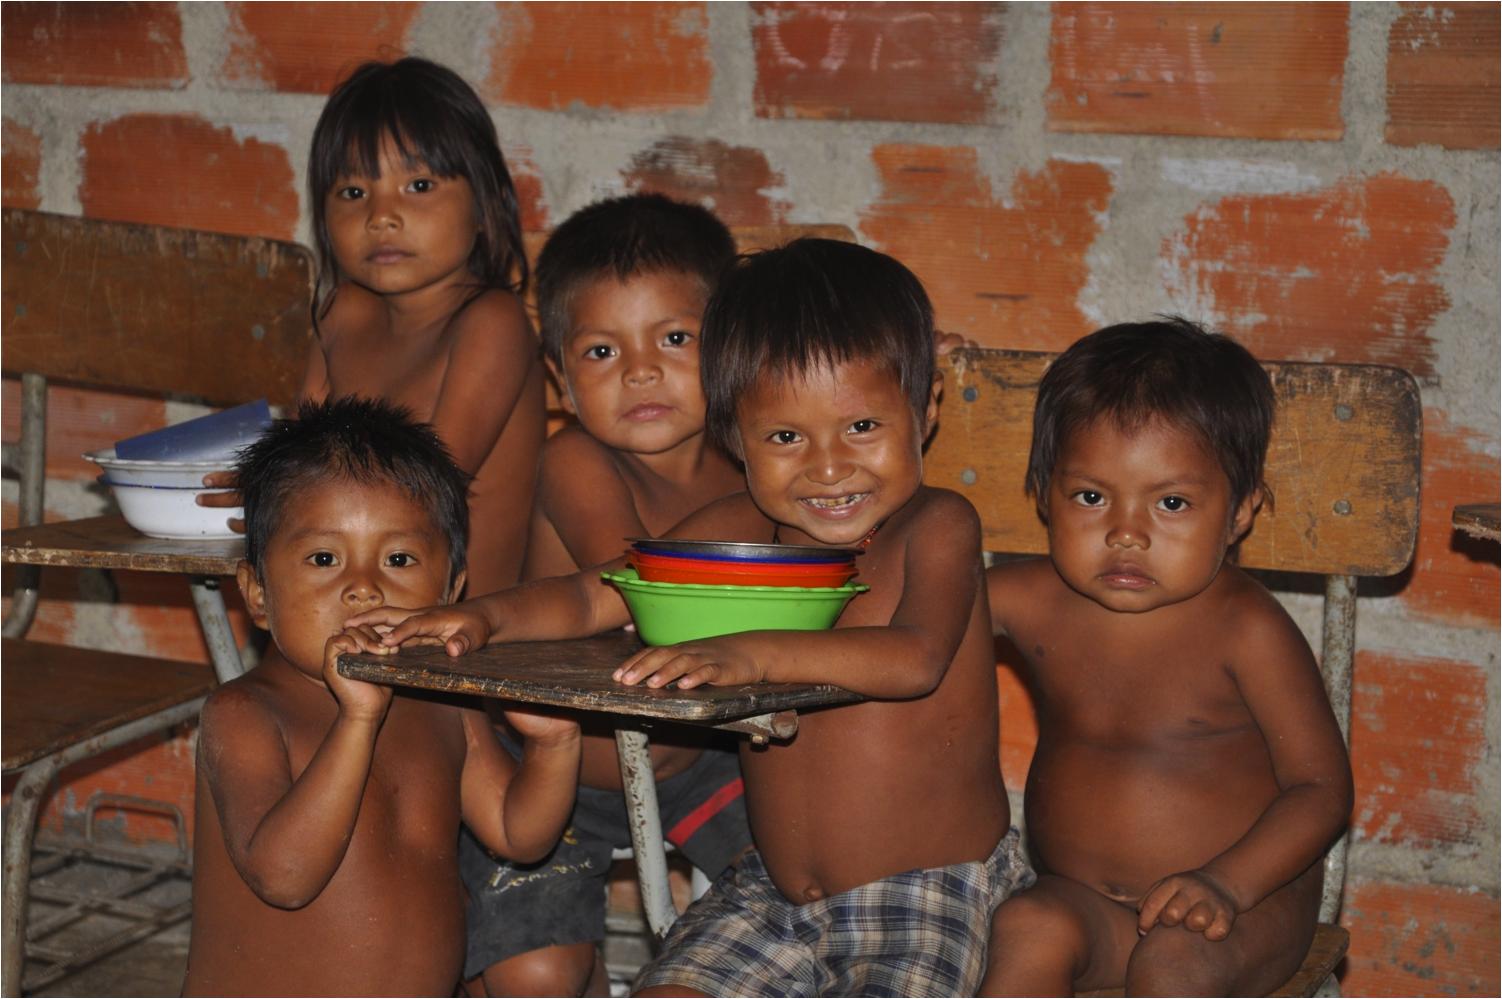 El programa suministró mensualmente paquetes de alimentos a las familias con niños en riesgo de desnutrición